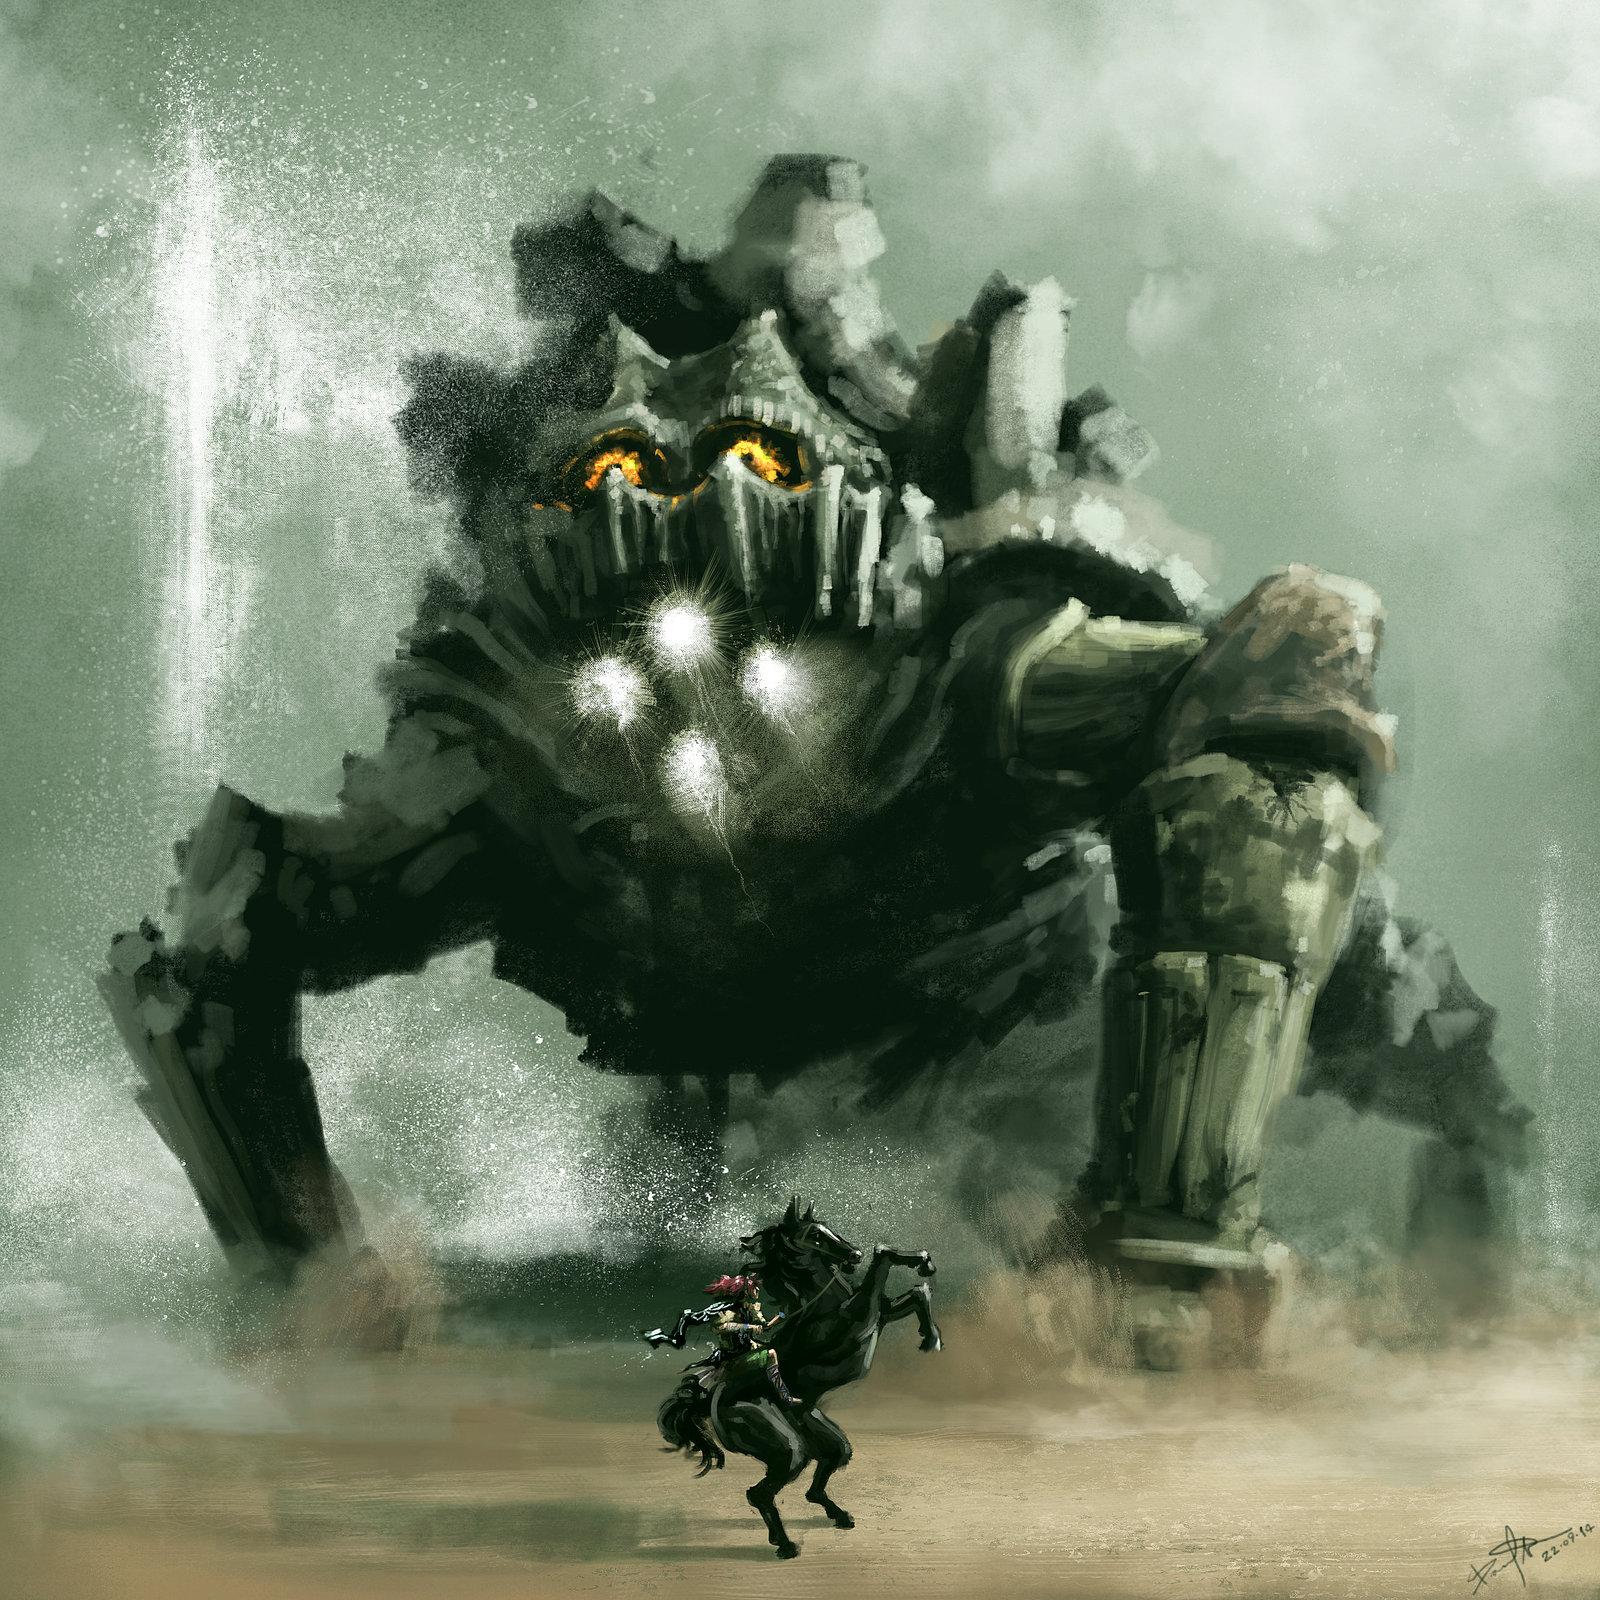 Colossus 9 - Basaran